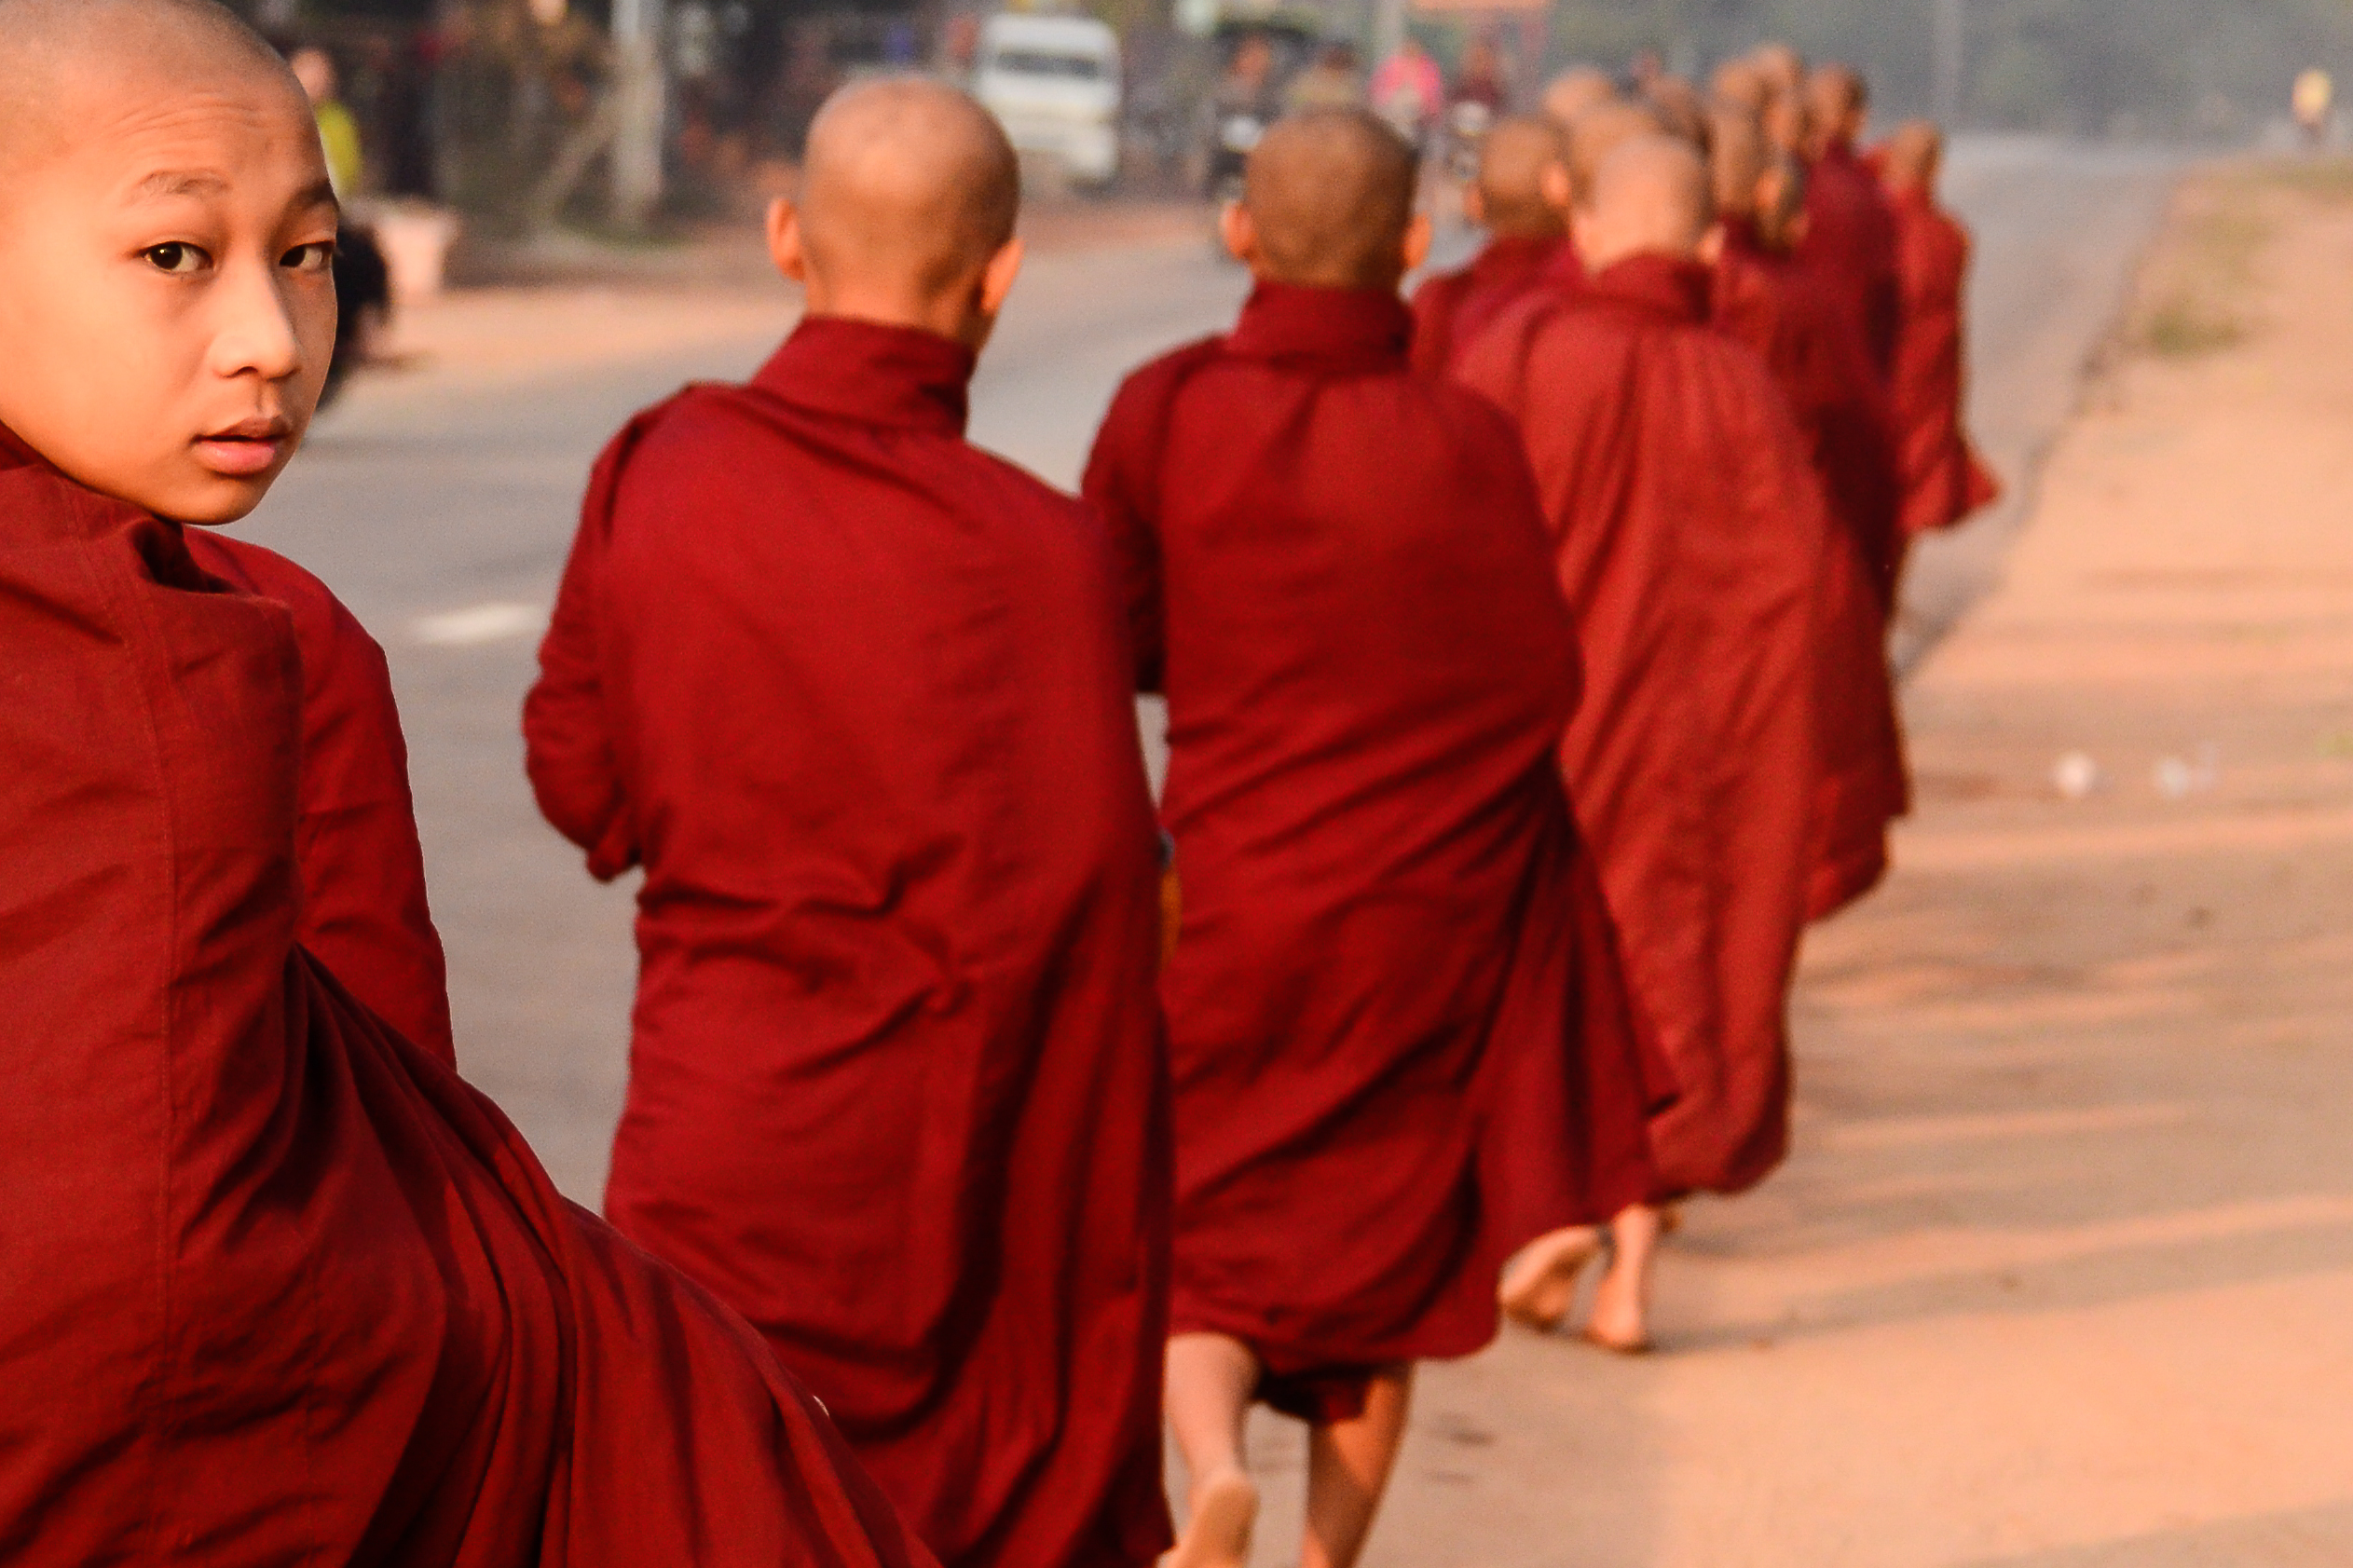 monks in saffron robes in Myanmar